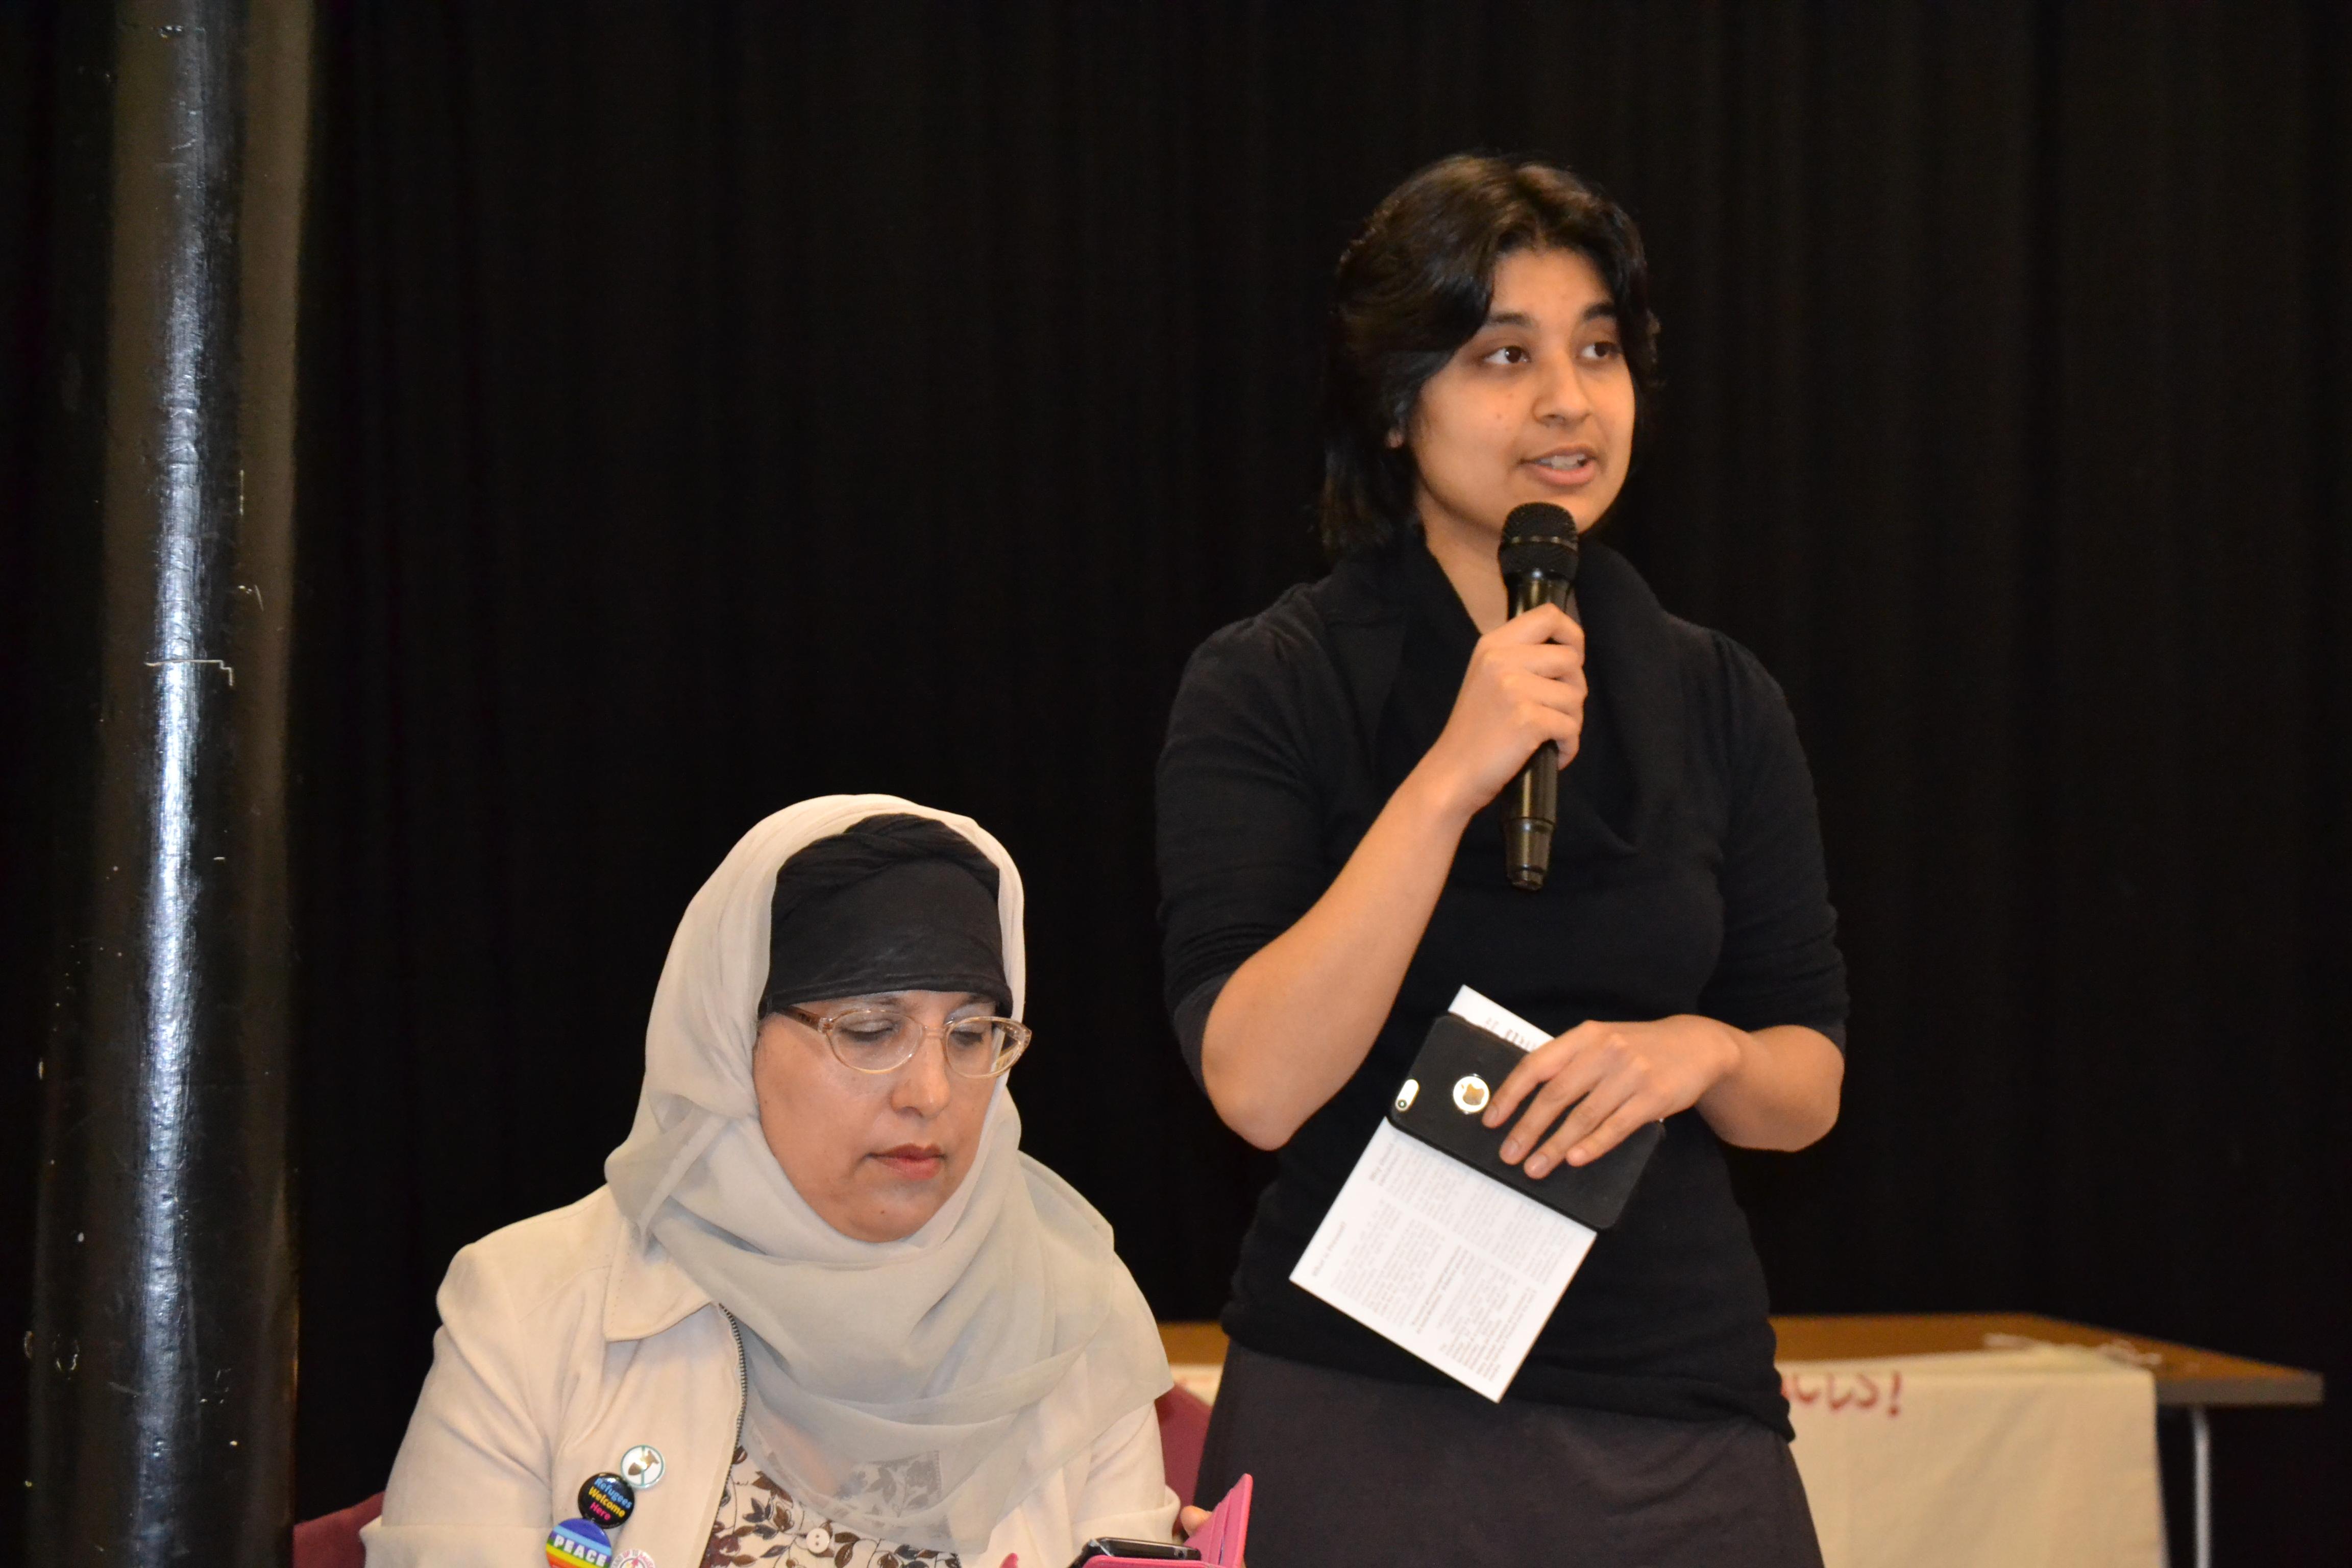 Habiba Islam introducing the meeting